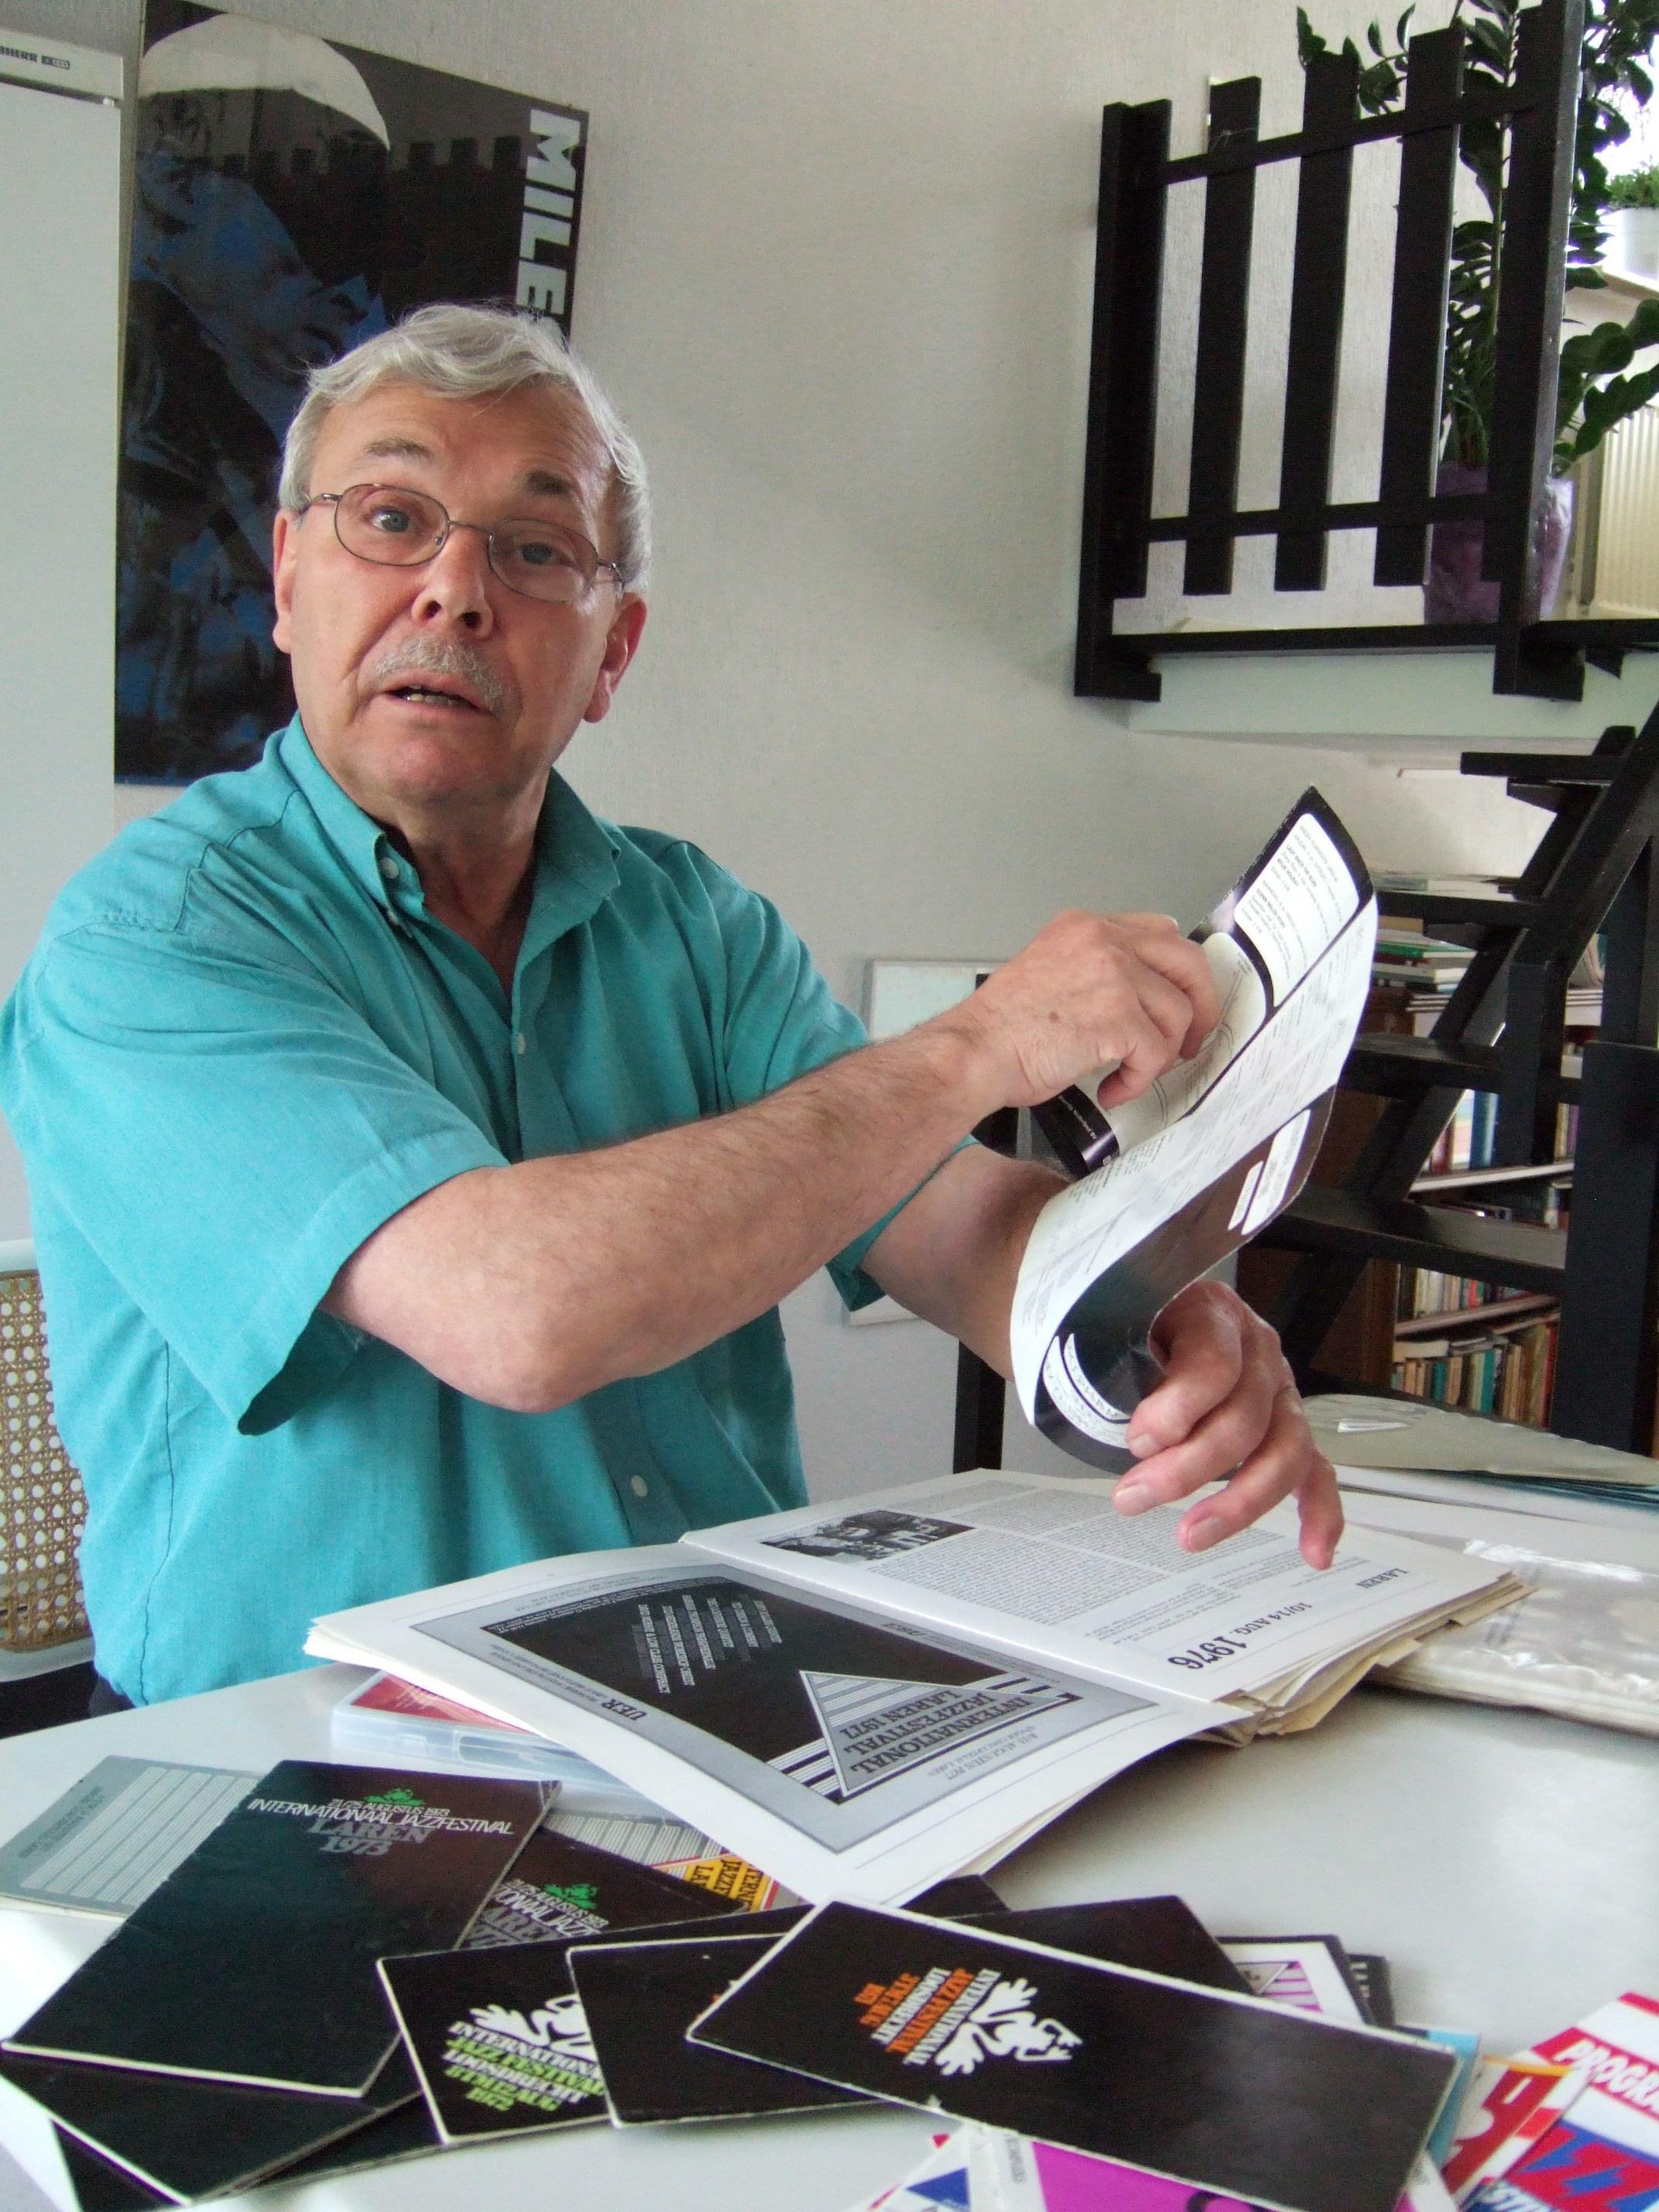 Presentator Aad Bos (88) overleden, dé radiostem van de jazz zwijgt